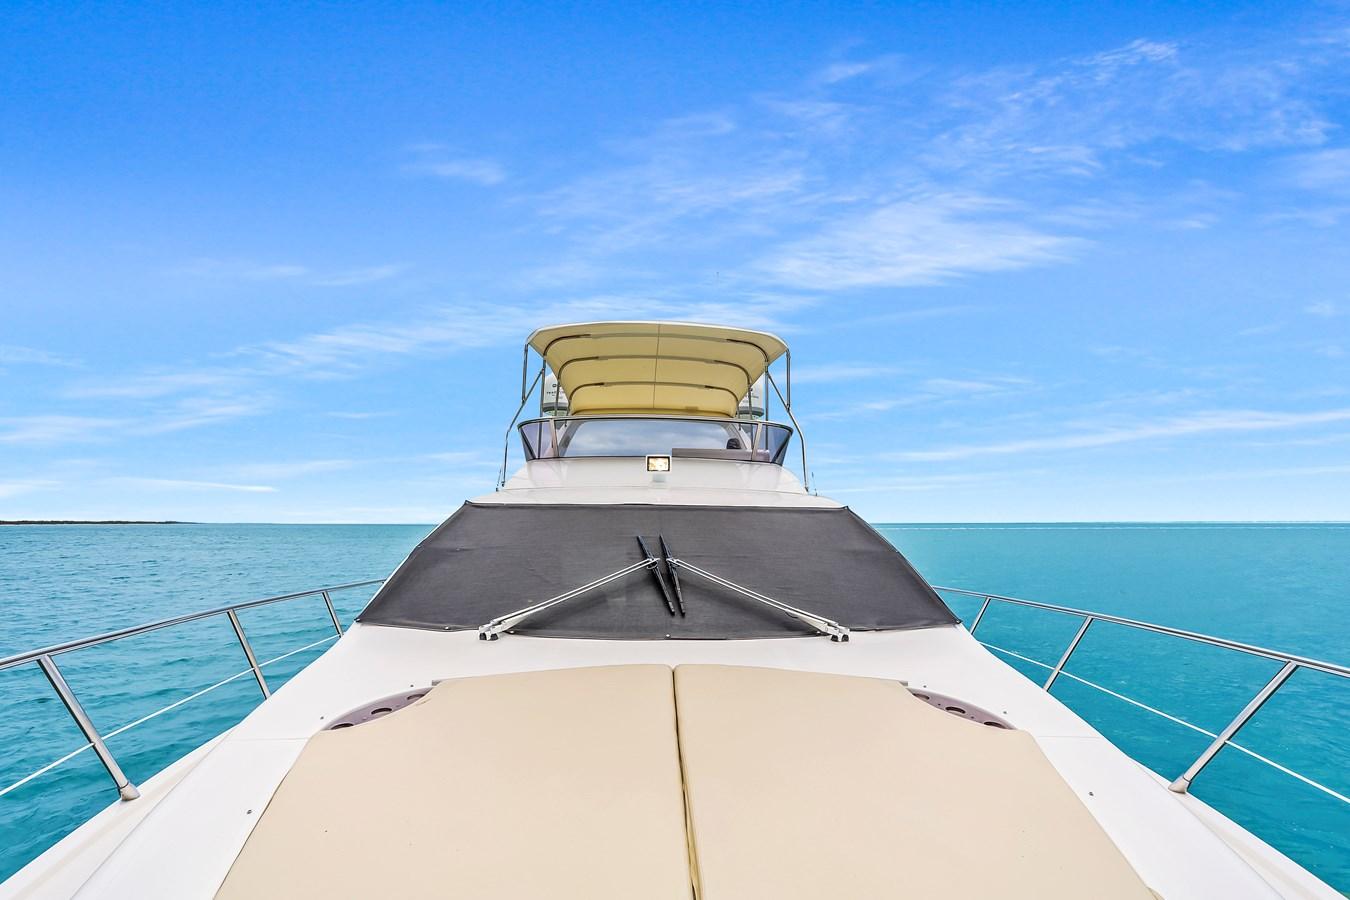 08_5113 2012 AZIMUT / BENETTI  Motor Yacht 2886555